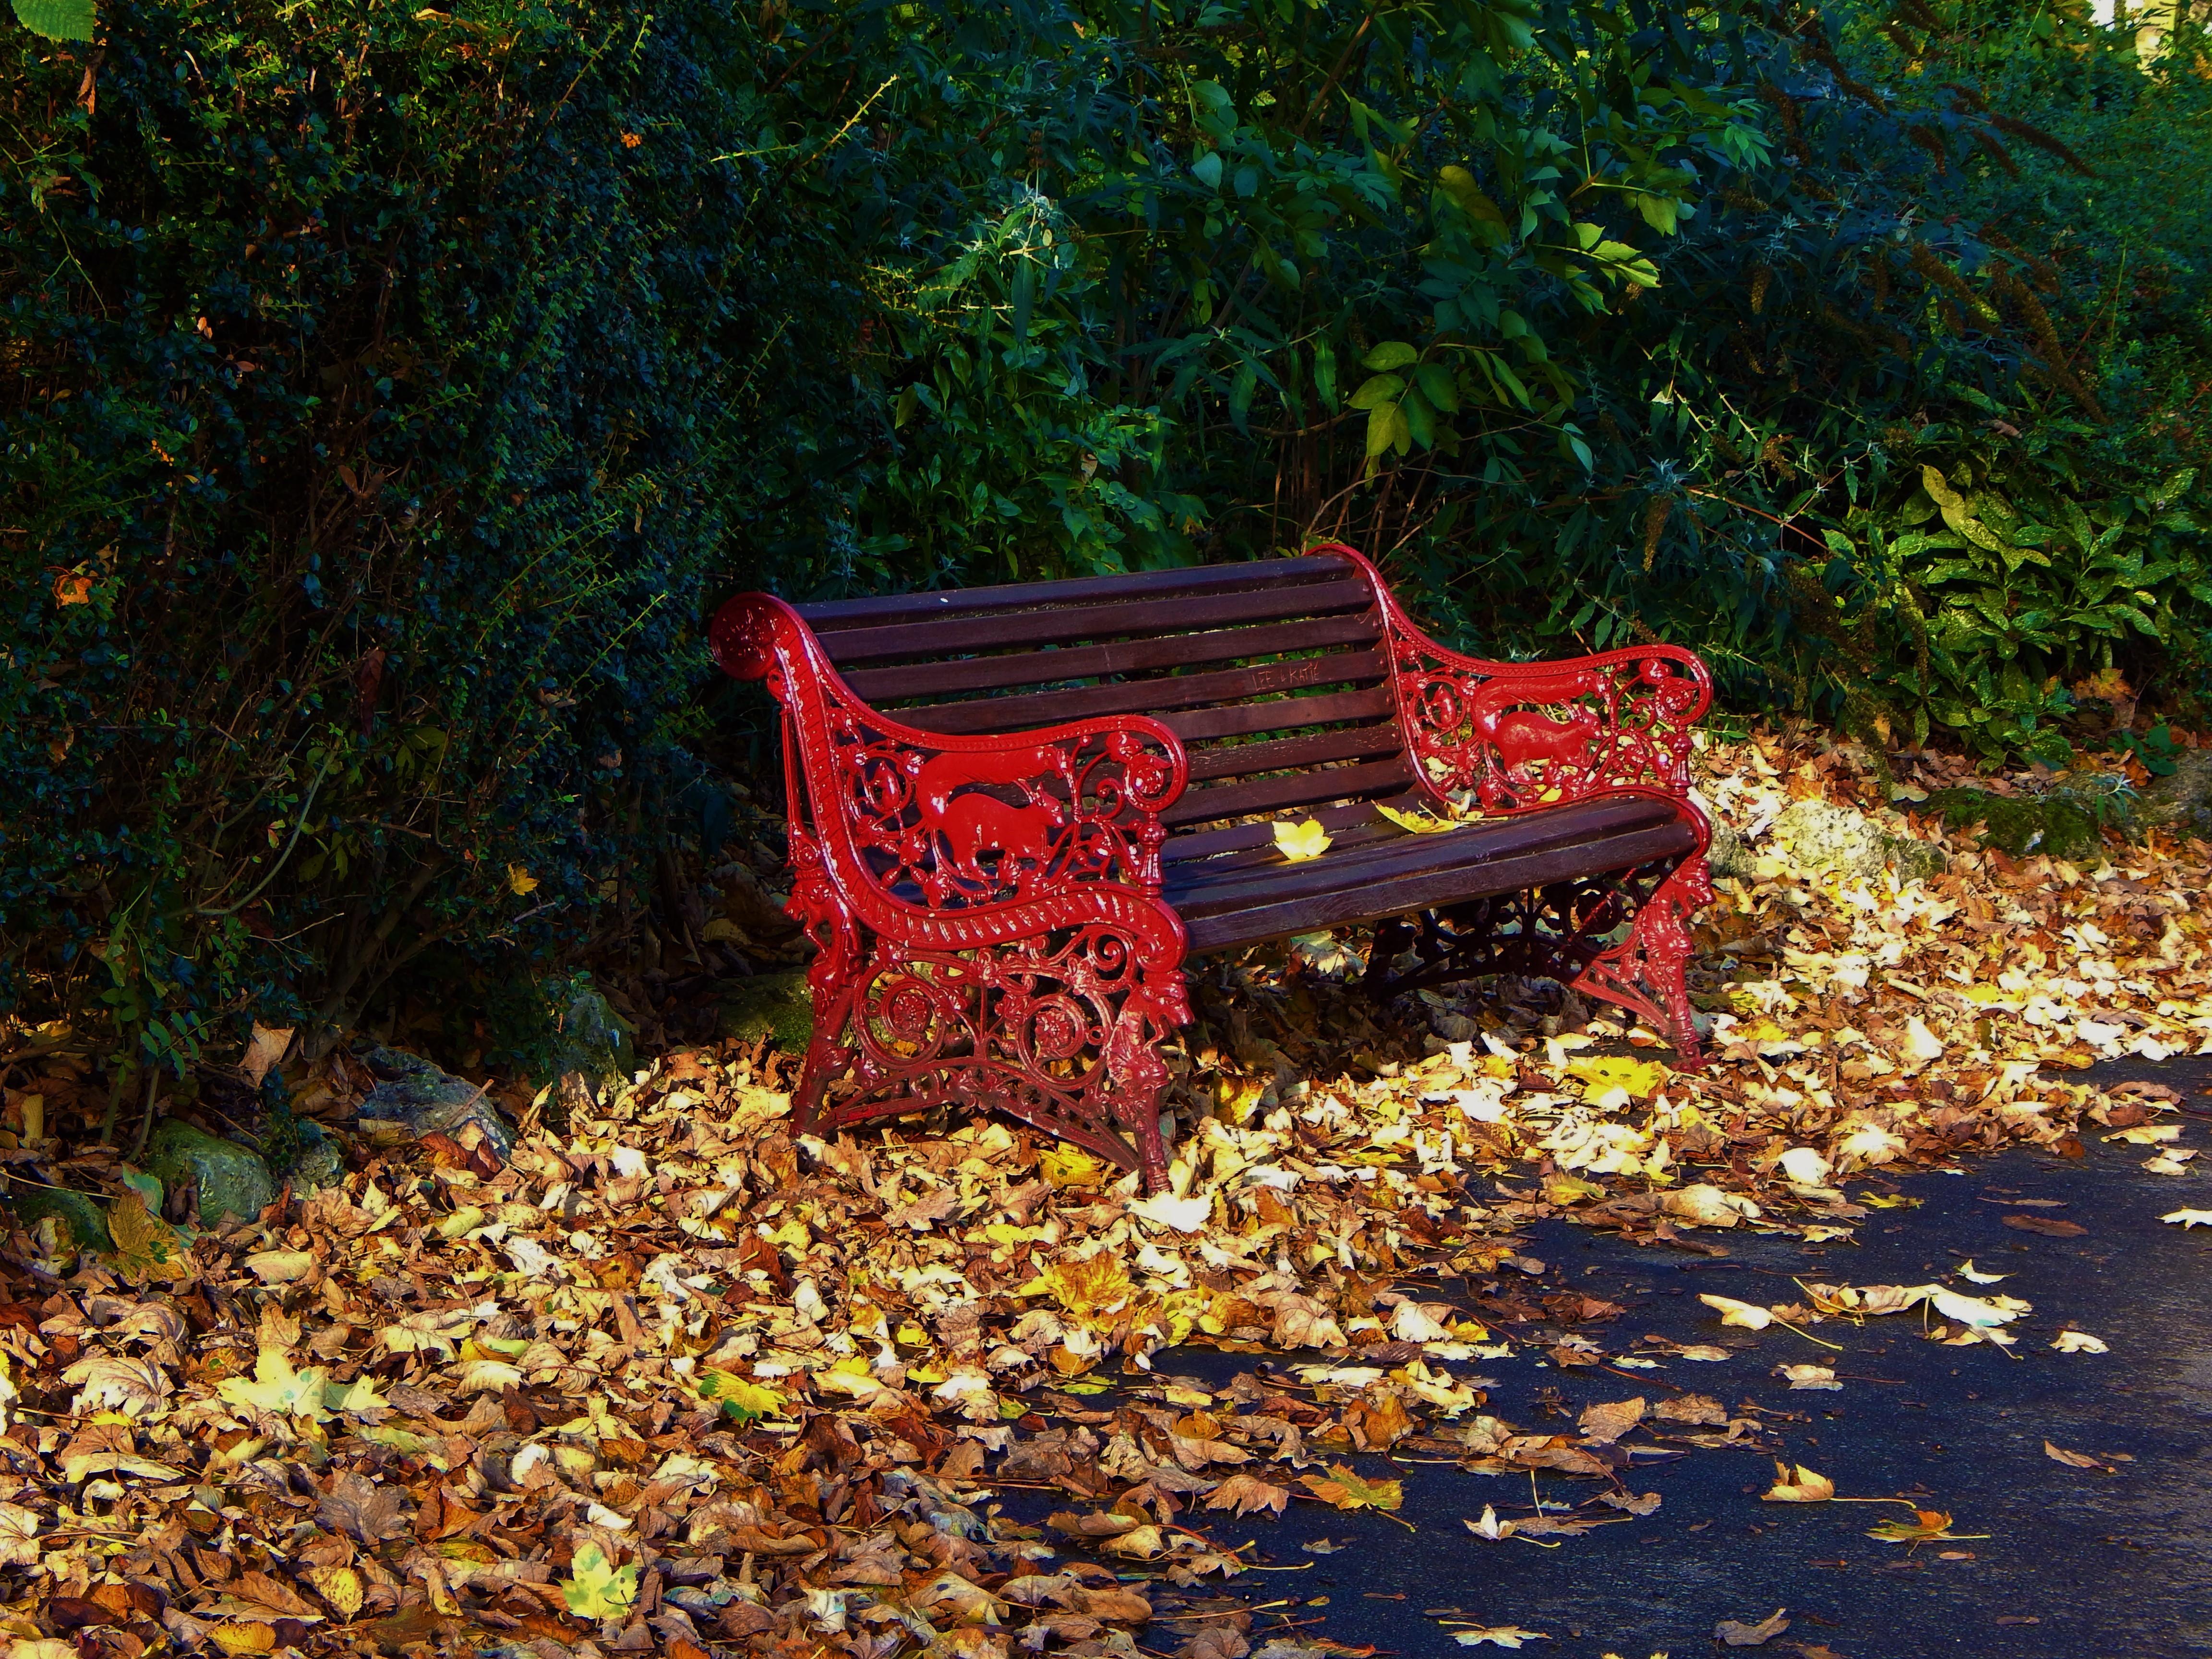 осень листья лавочка парк загрузить